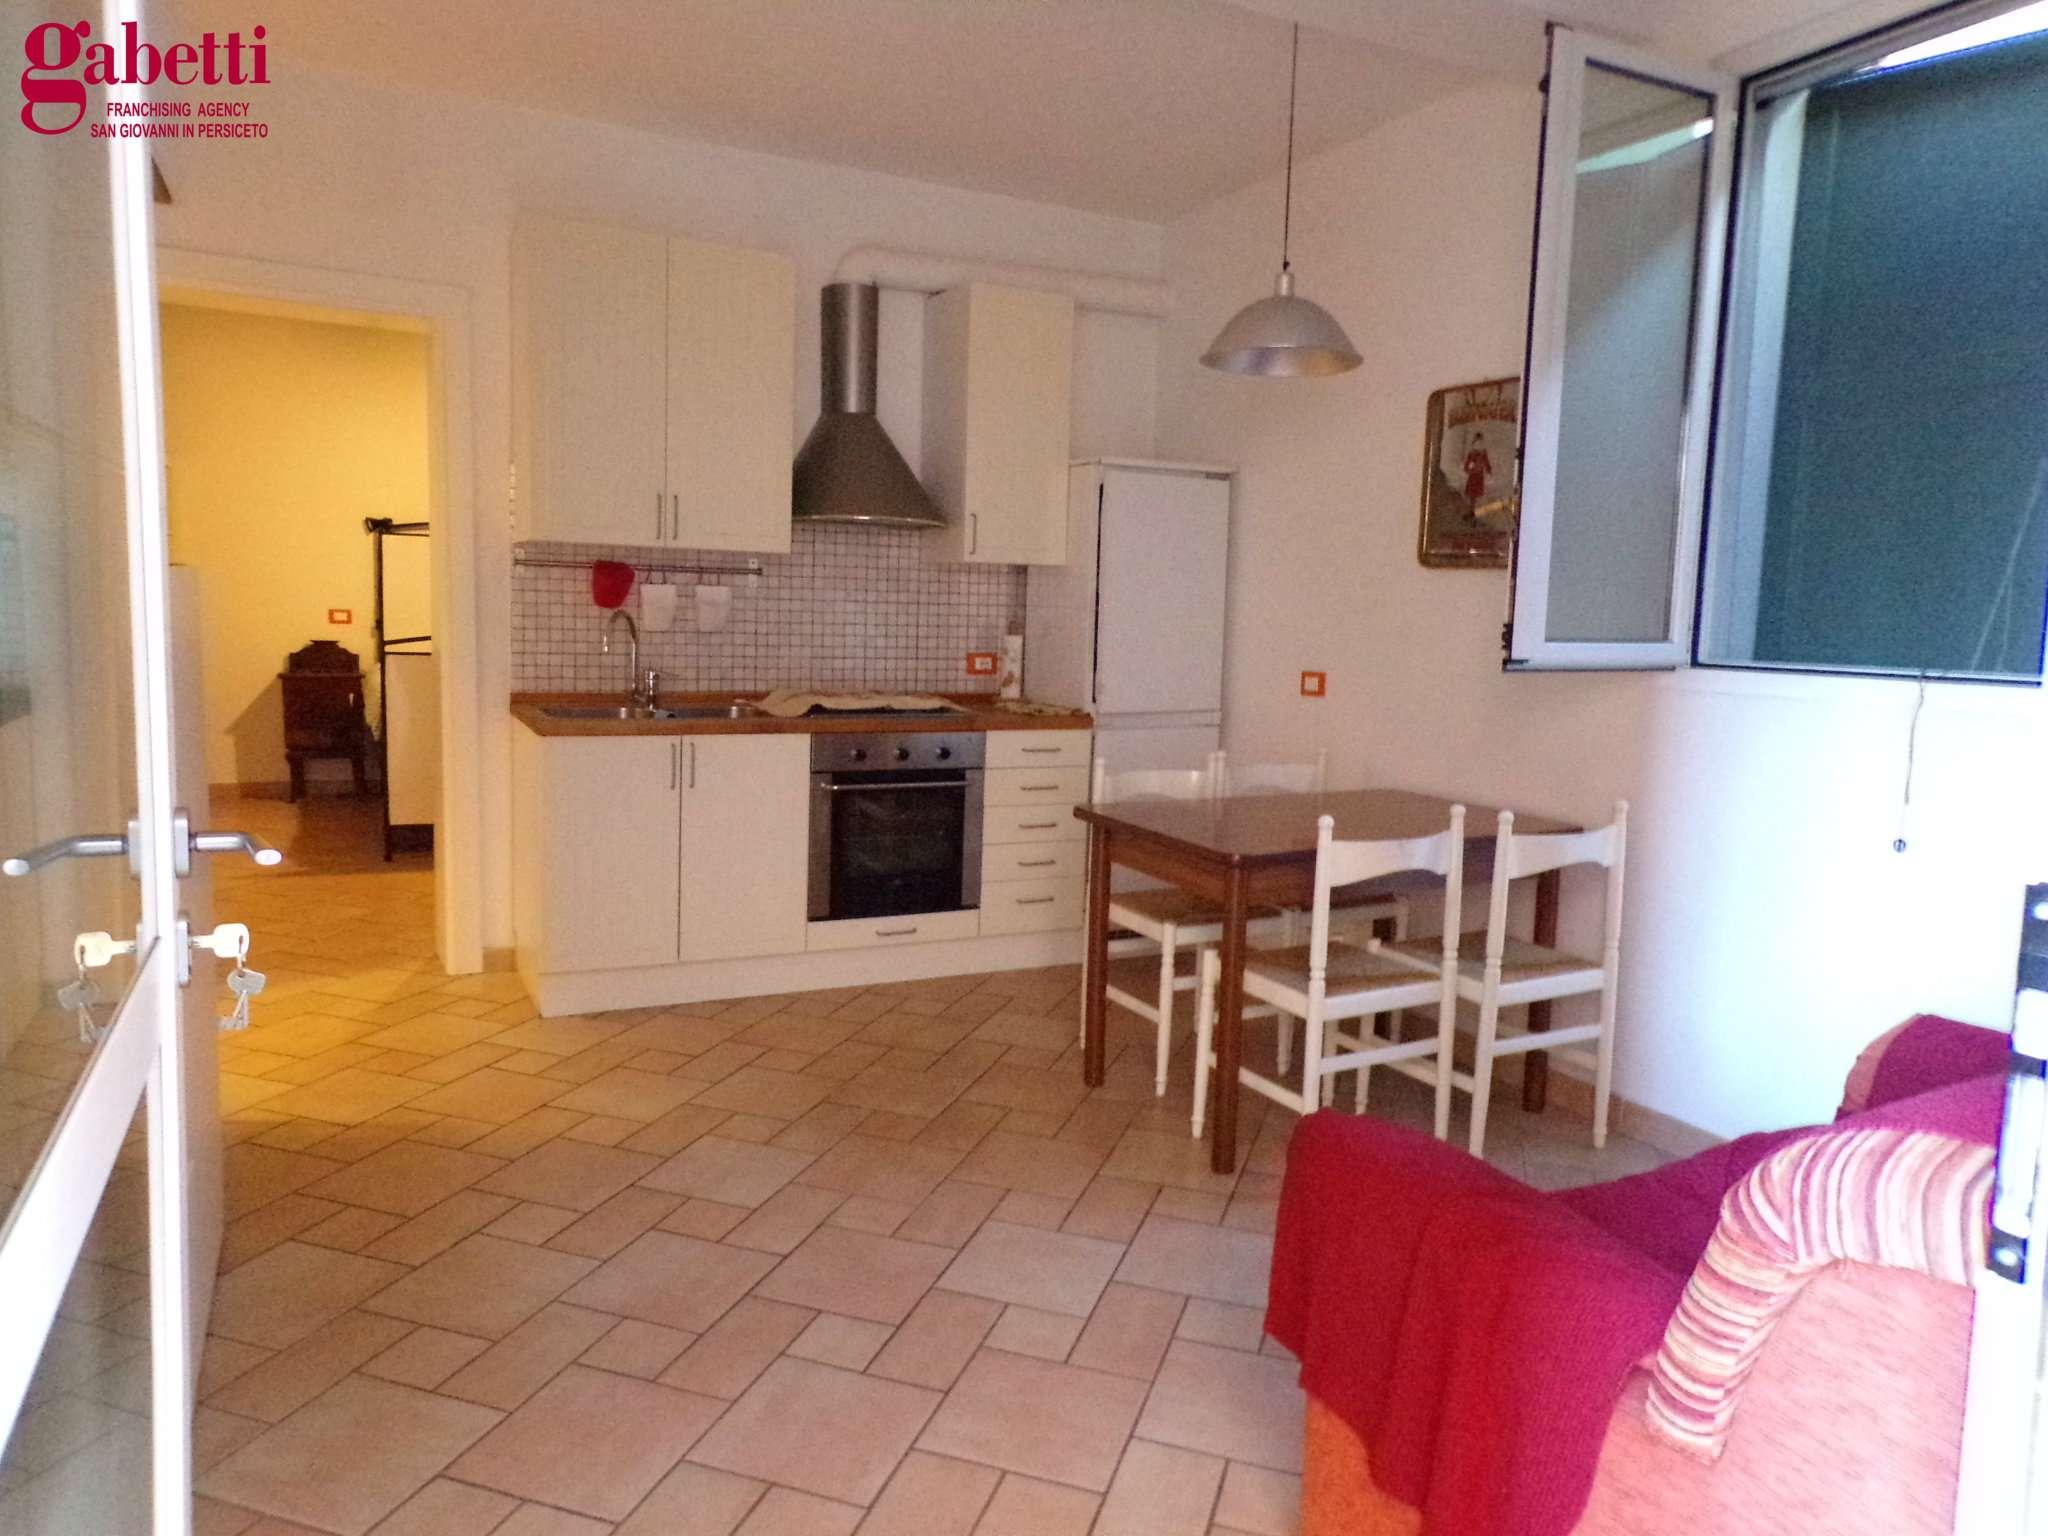 Appartamento in vendita a San Giovanni in Persiceto, 3 locali, prezzo € 65.000 | CambioCasa.it